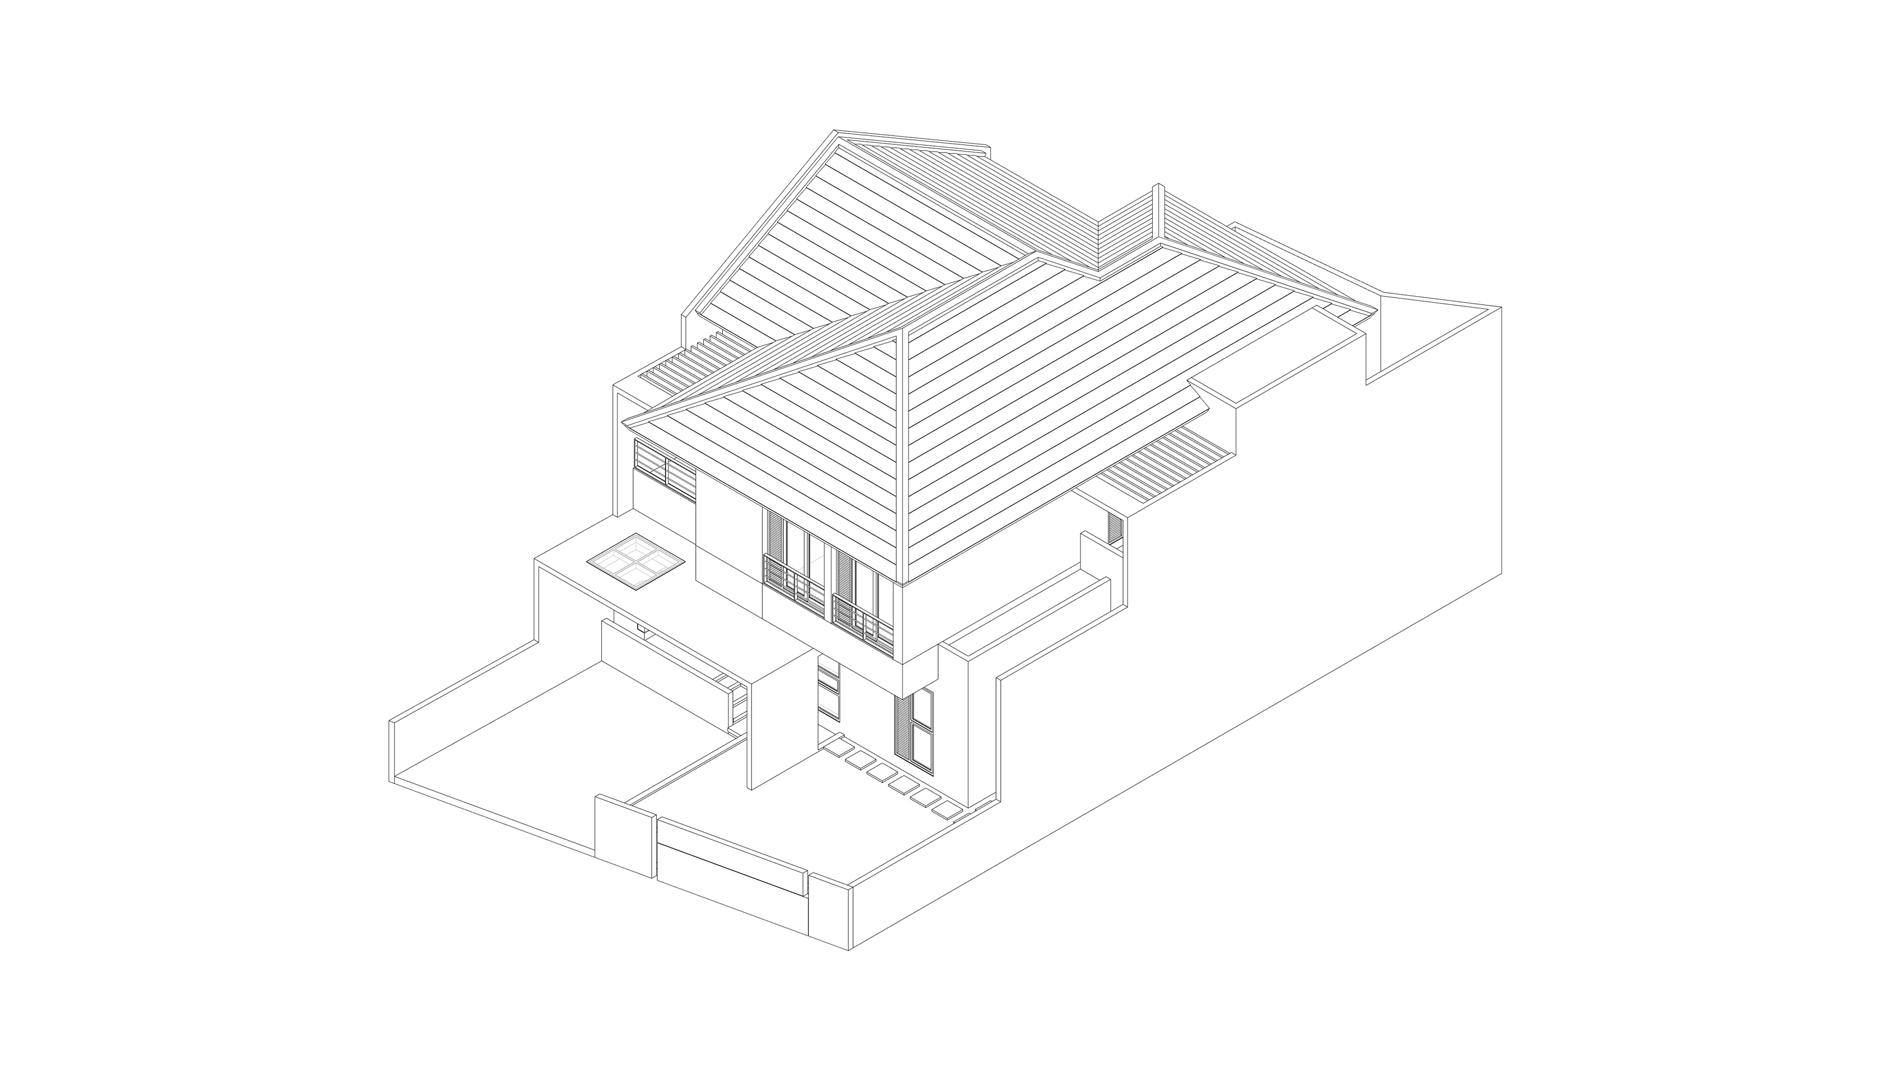 2014-ST-HOUSE-05